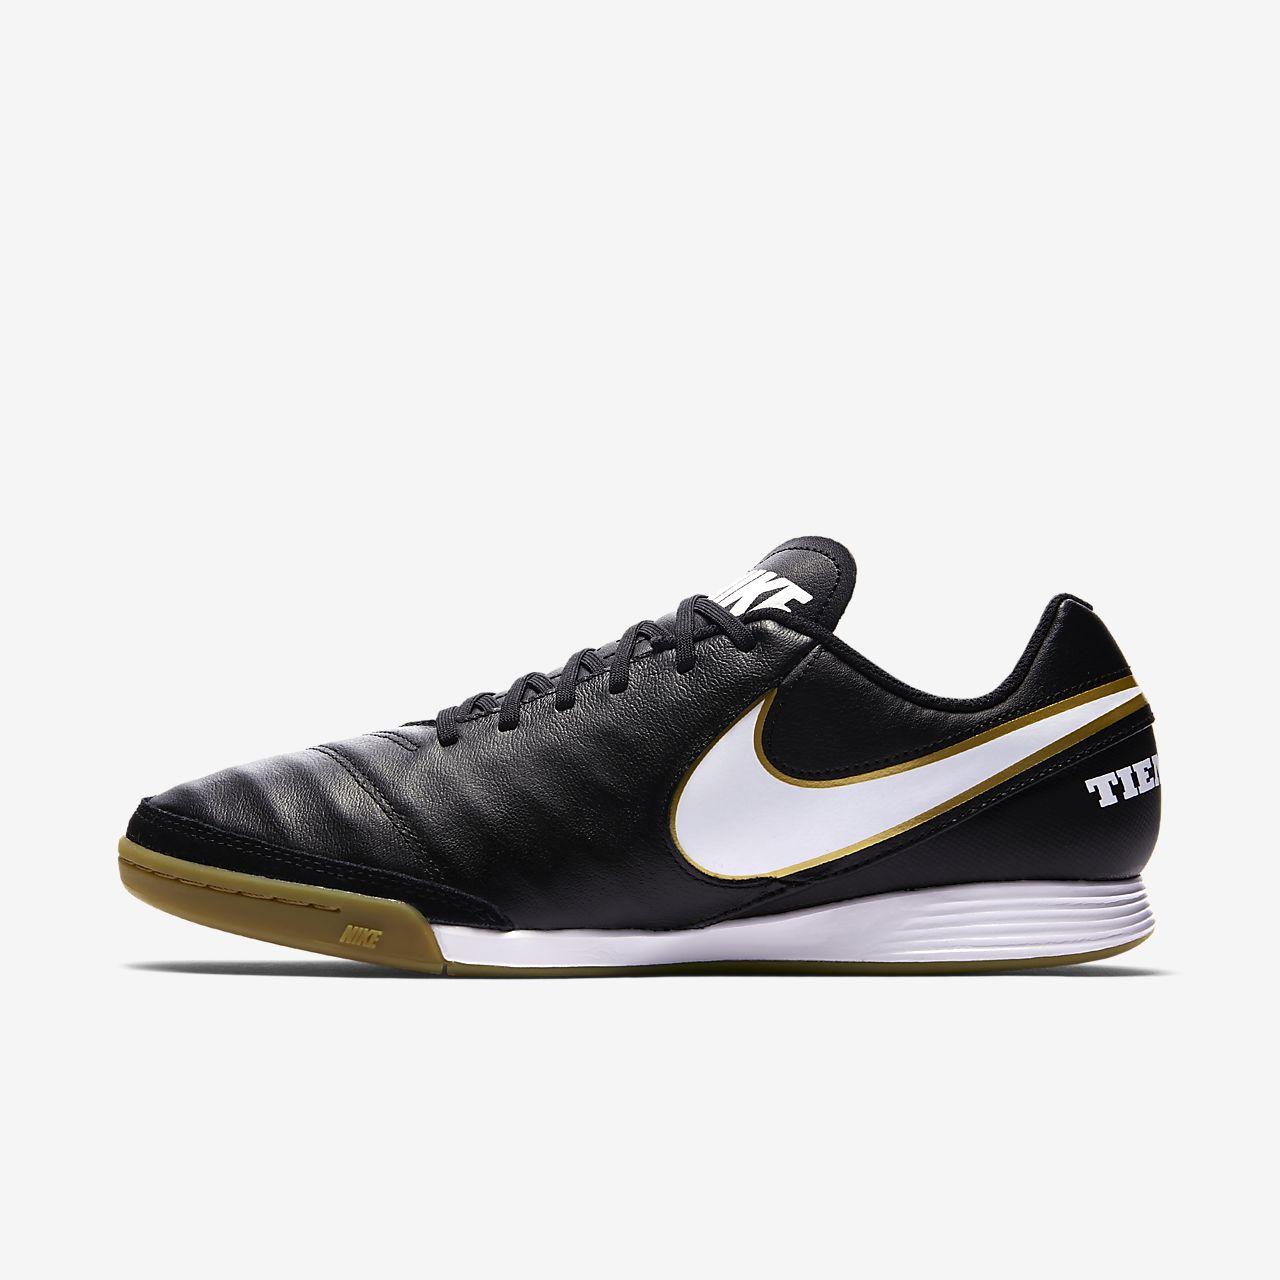 ... Nike Tiempo Genio II Leather Fußballschuh für Hallen- und Hartplatz